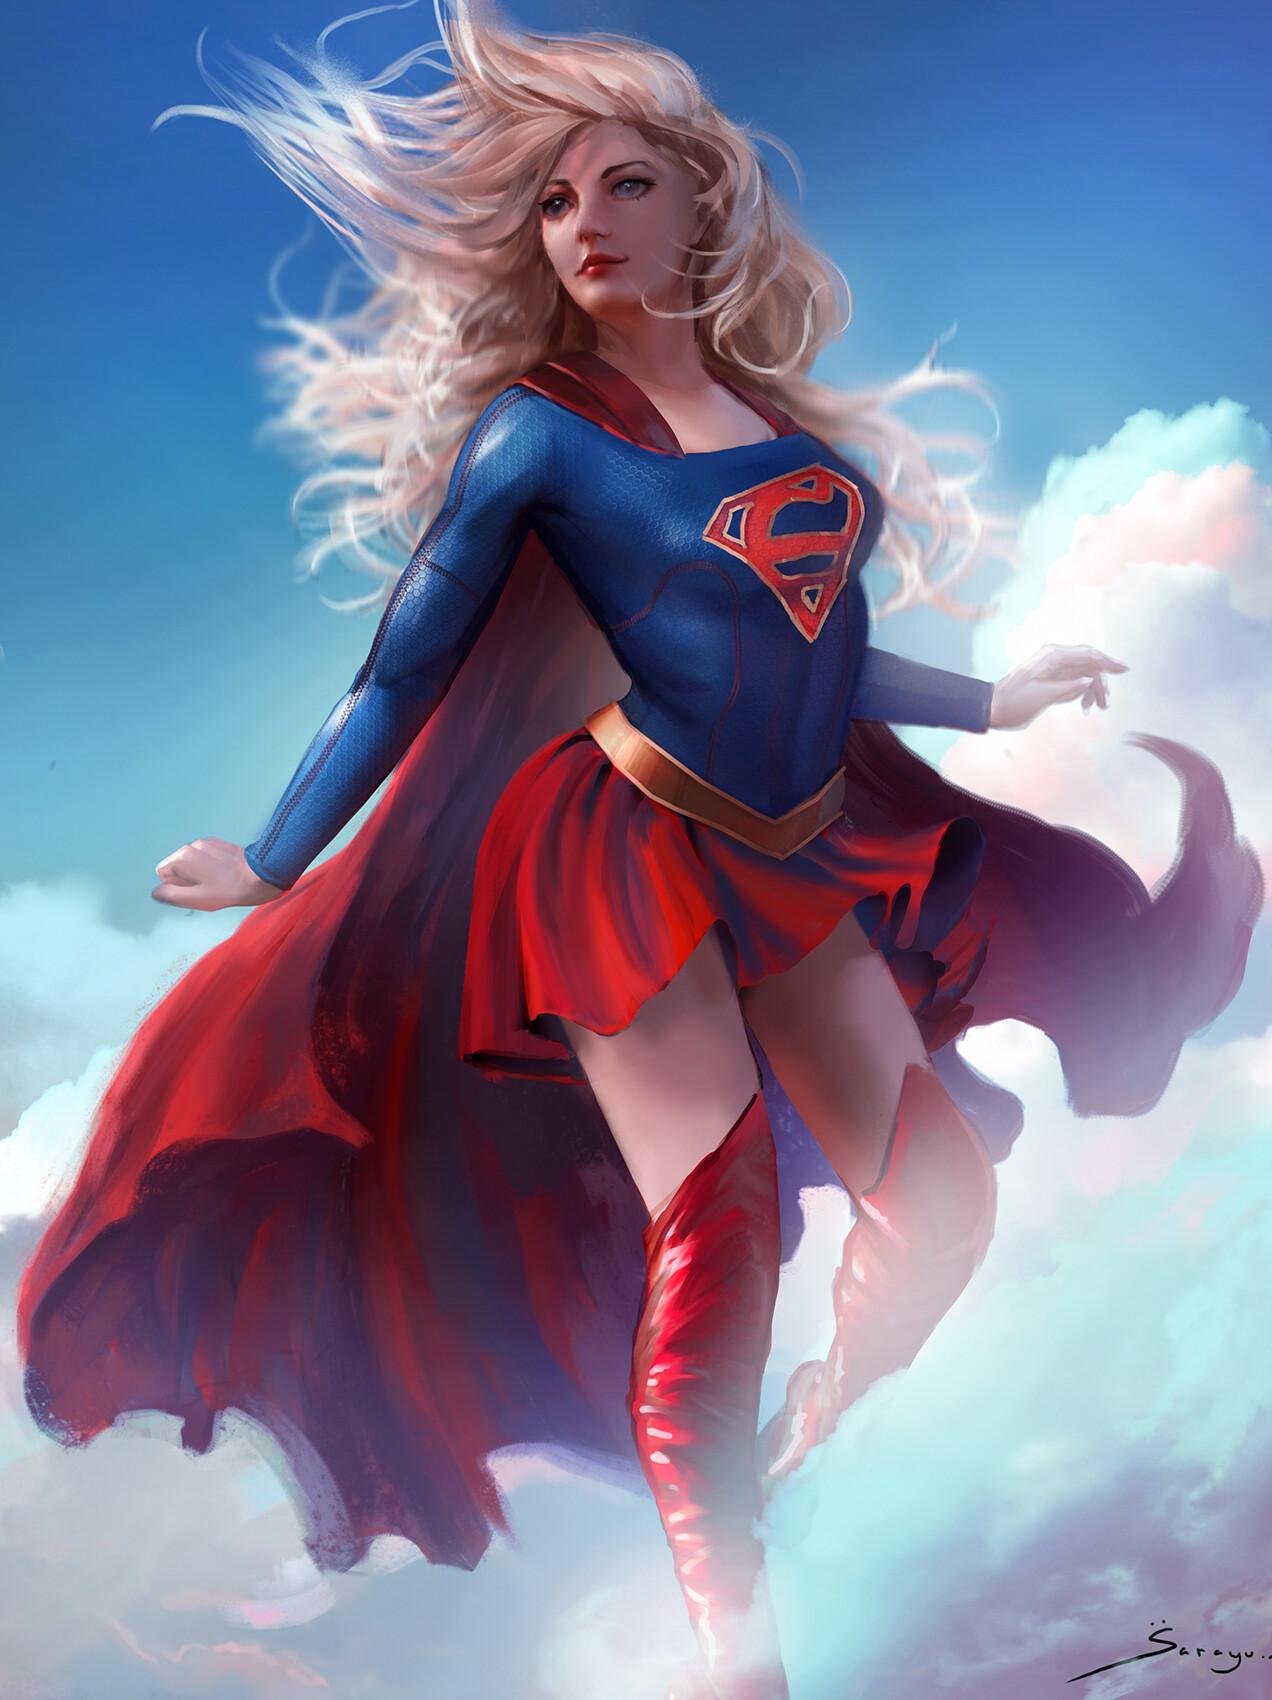 Sarayu ruangvesh supergirl commission